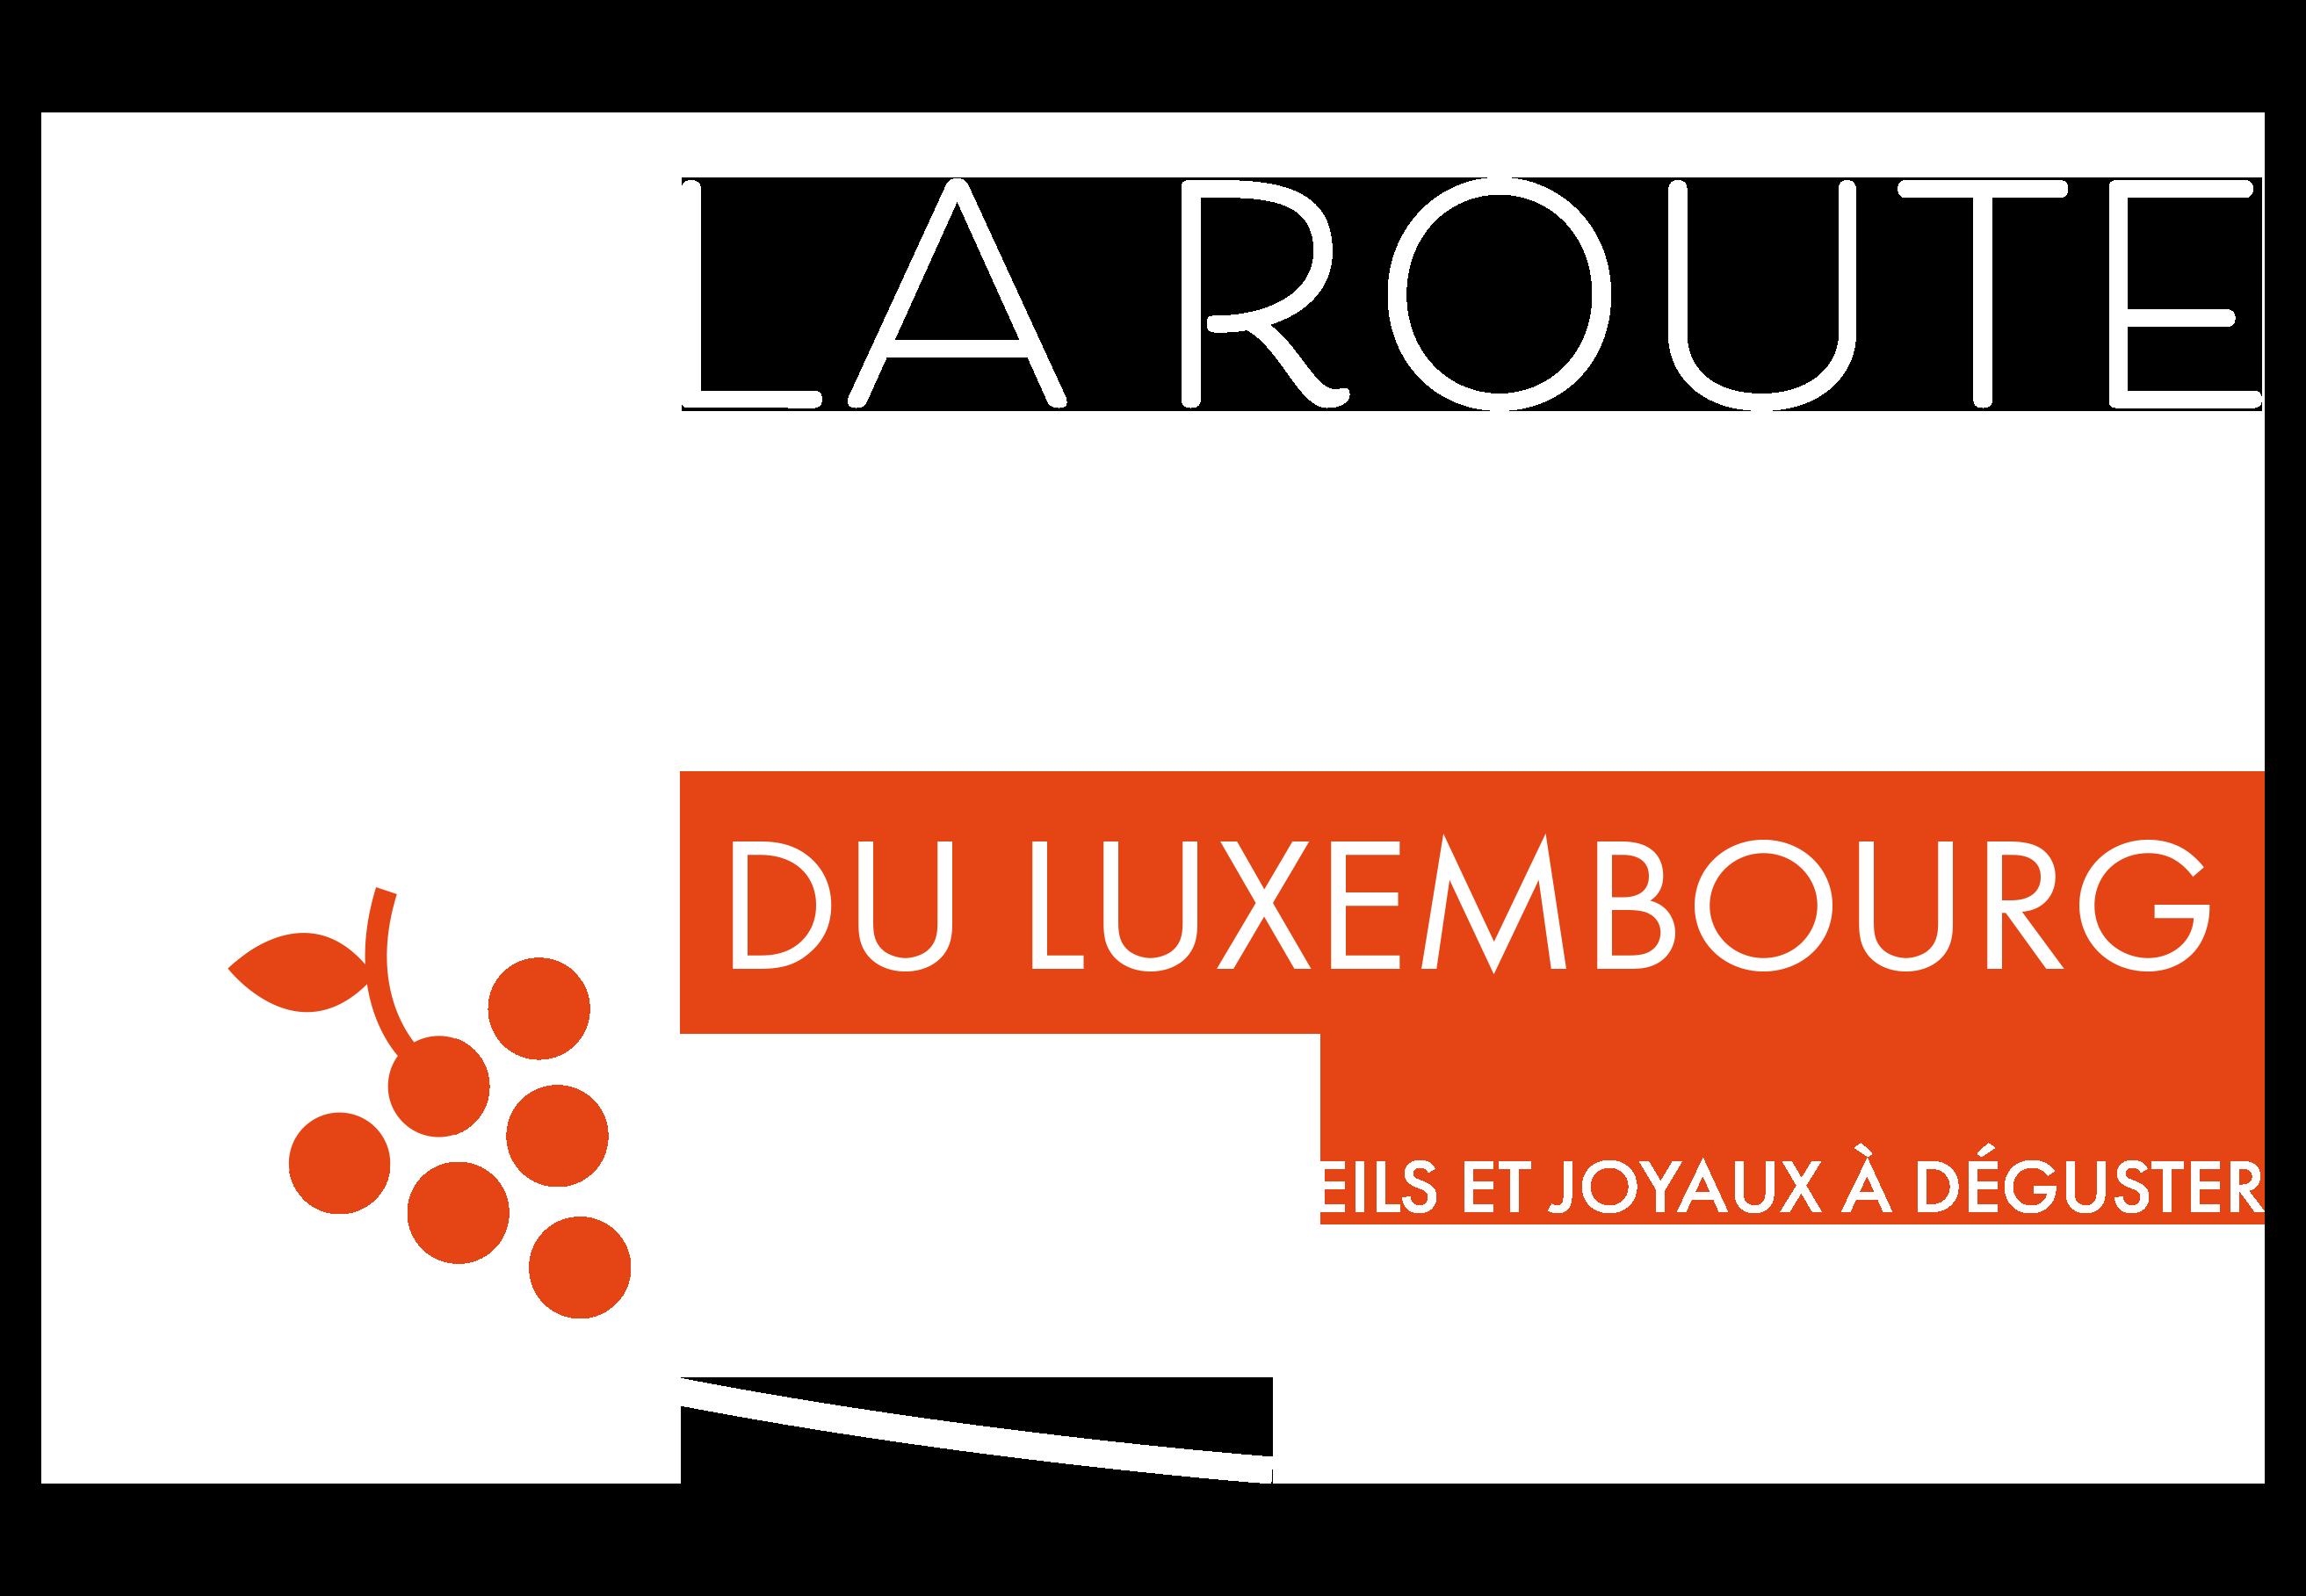 La Route des Vins du Luxembourg - Domaines viticoles, conseils oenologiques et joyaux à déguster